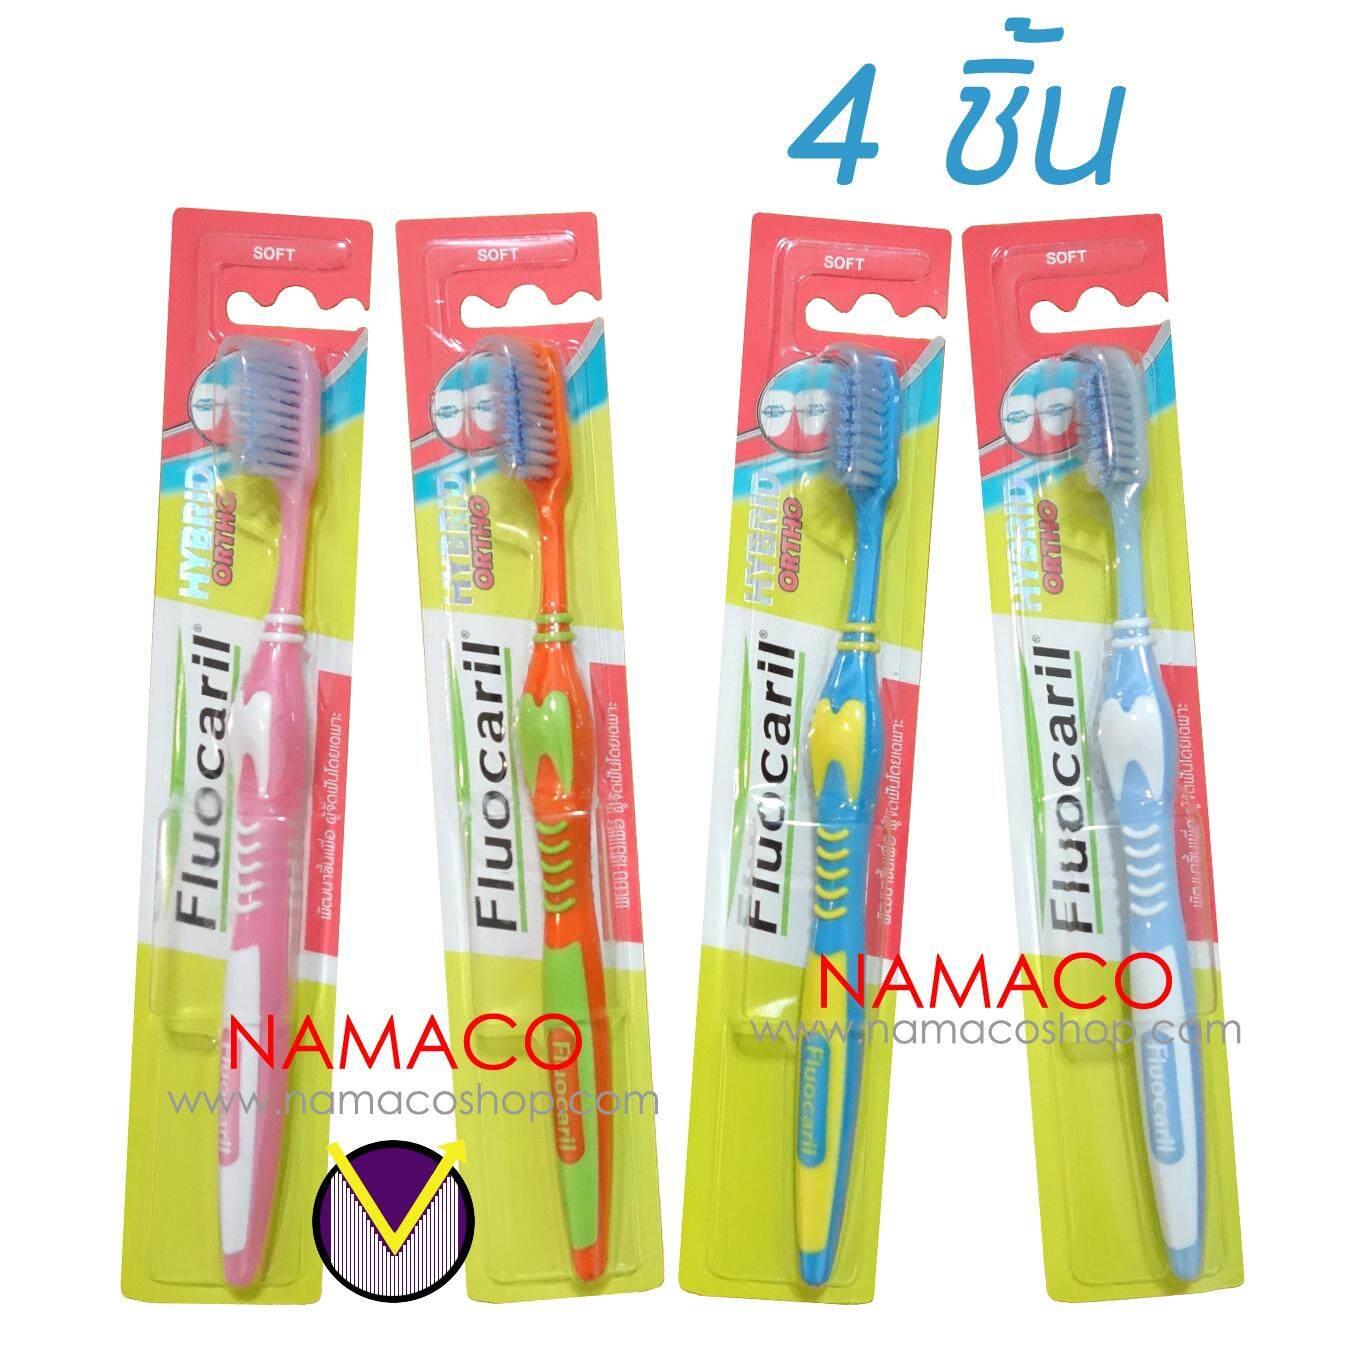 ฟลูโอคารีลแปรงสีฟันสำหรับจัดฟันไฮบริดออร์โธ 4 ชิ้น สีแบบสุ่ม Fluocaril ortho brush Hybrid/spiral